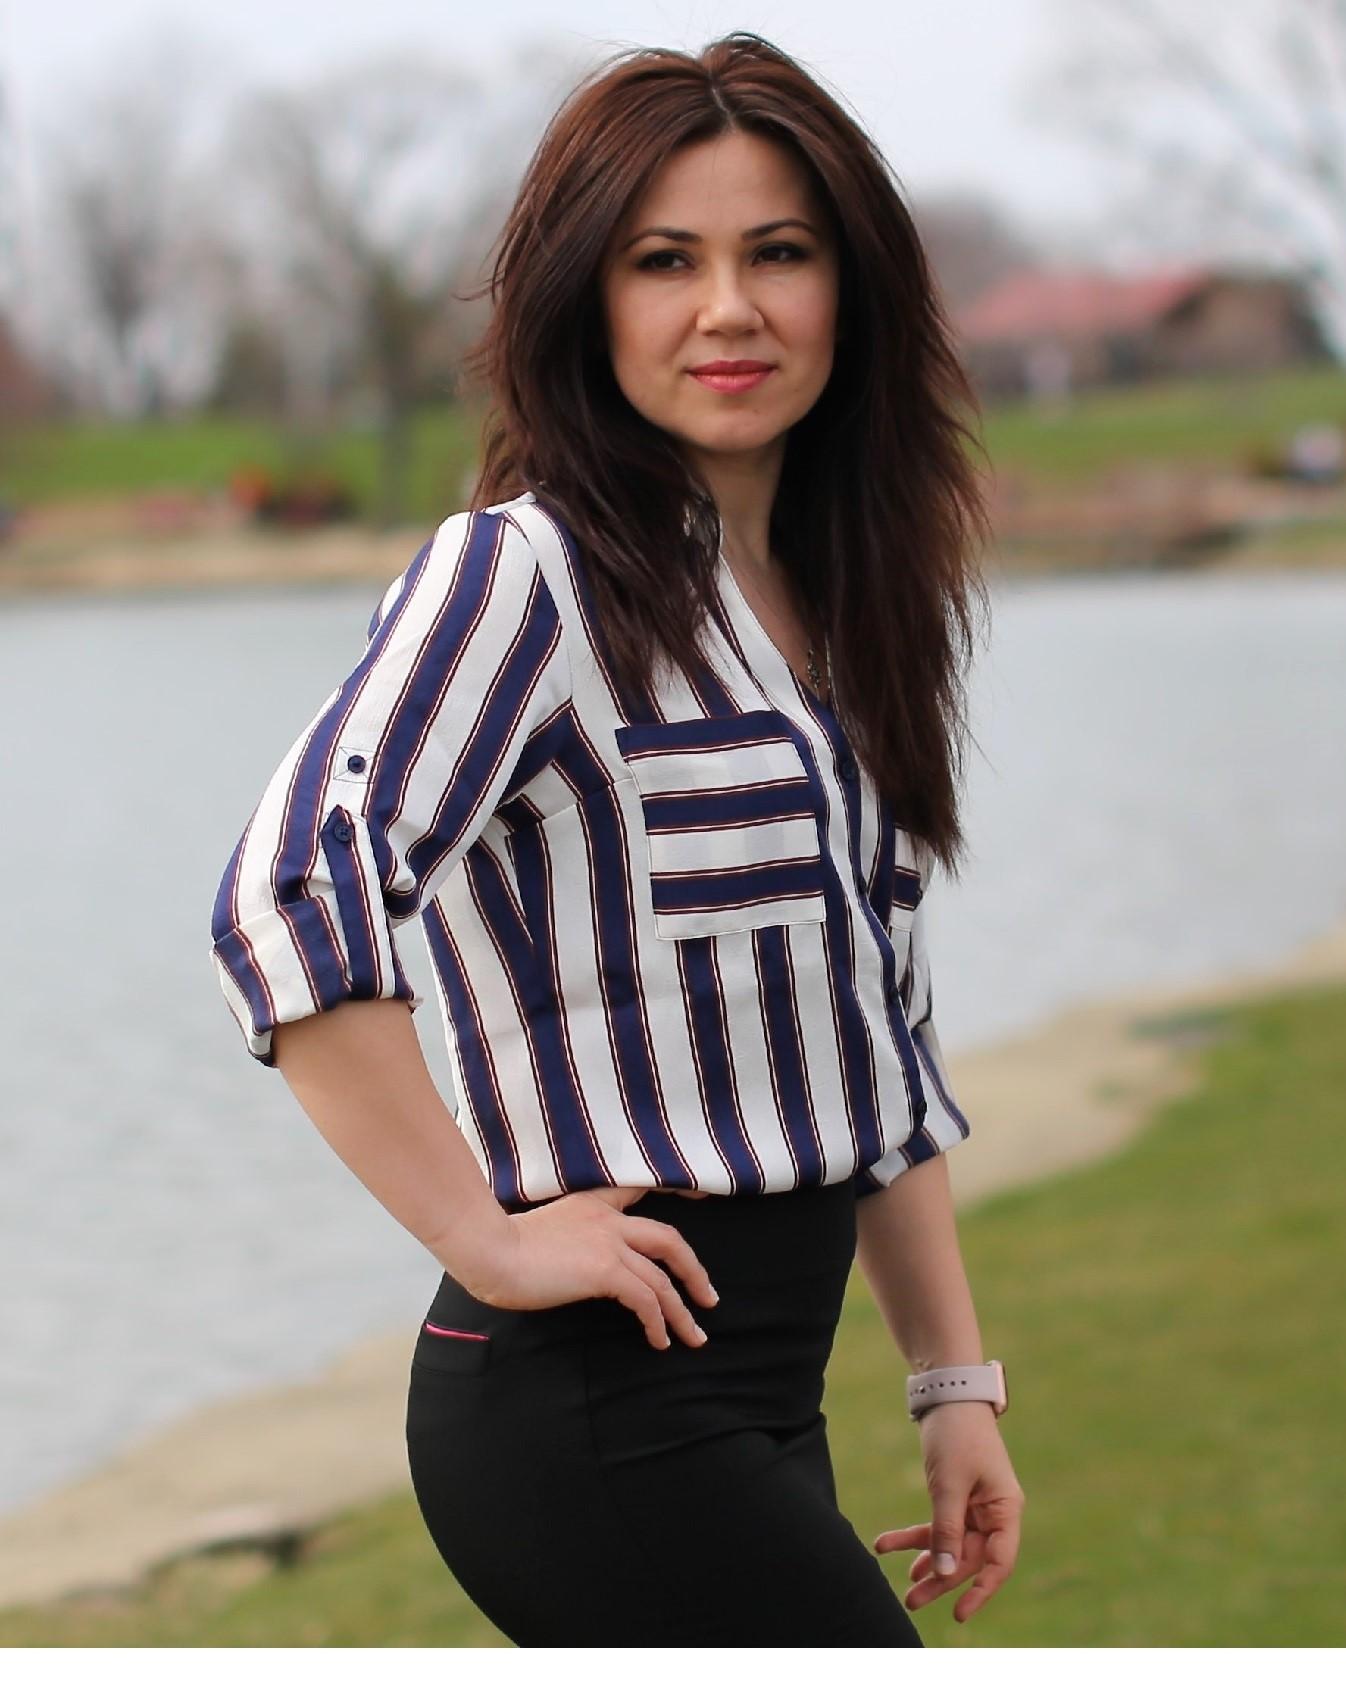 Iryna Vitkovych